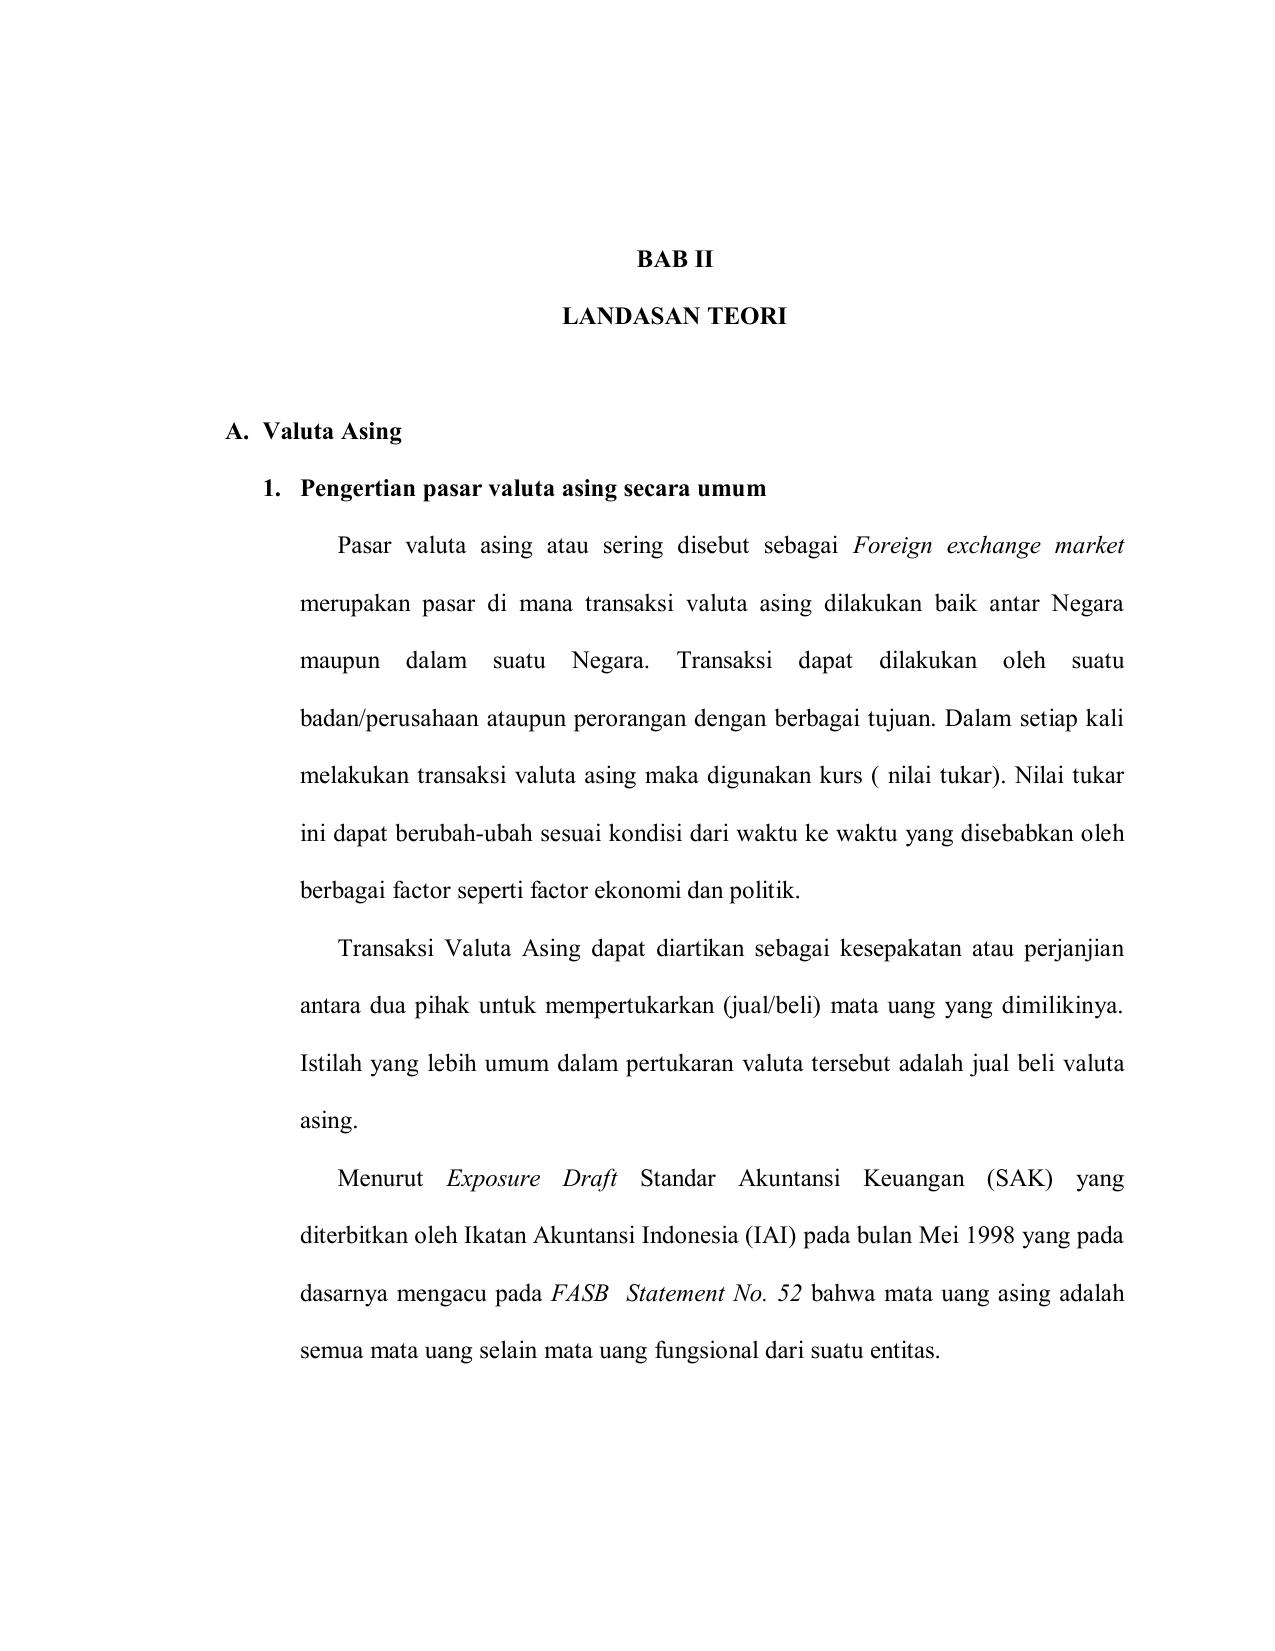 contoh perjanjian pengelolaan dana valas